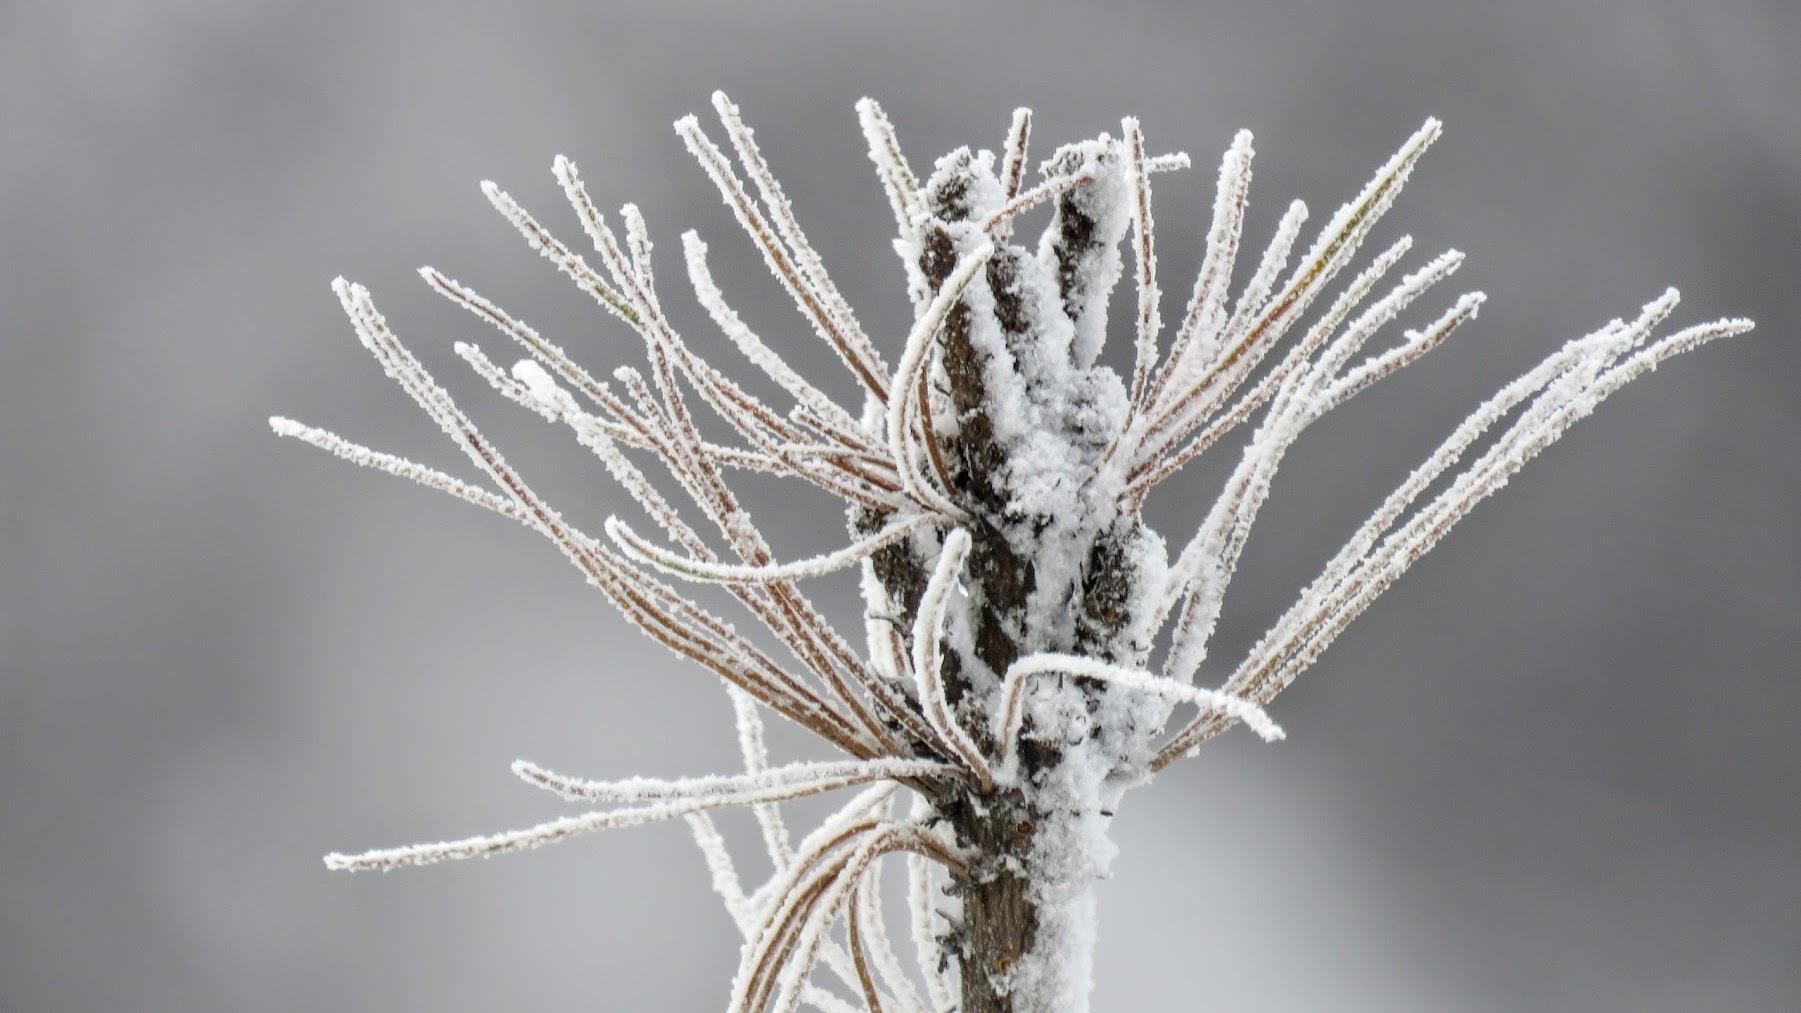 Иней — белый кристаллический осадок, образующийся на поверхности земли, траве, предметах, крышах зданий и автомобилей, снежном покрове в результате десублимации содержащегося в воздухе водяного пара при отрицательной температуре почвы, малооблачном небе и слабом ветре.